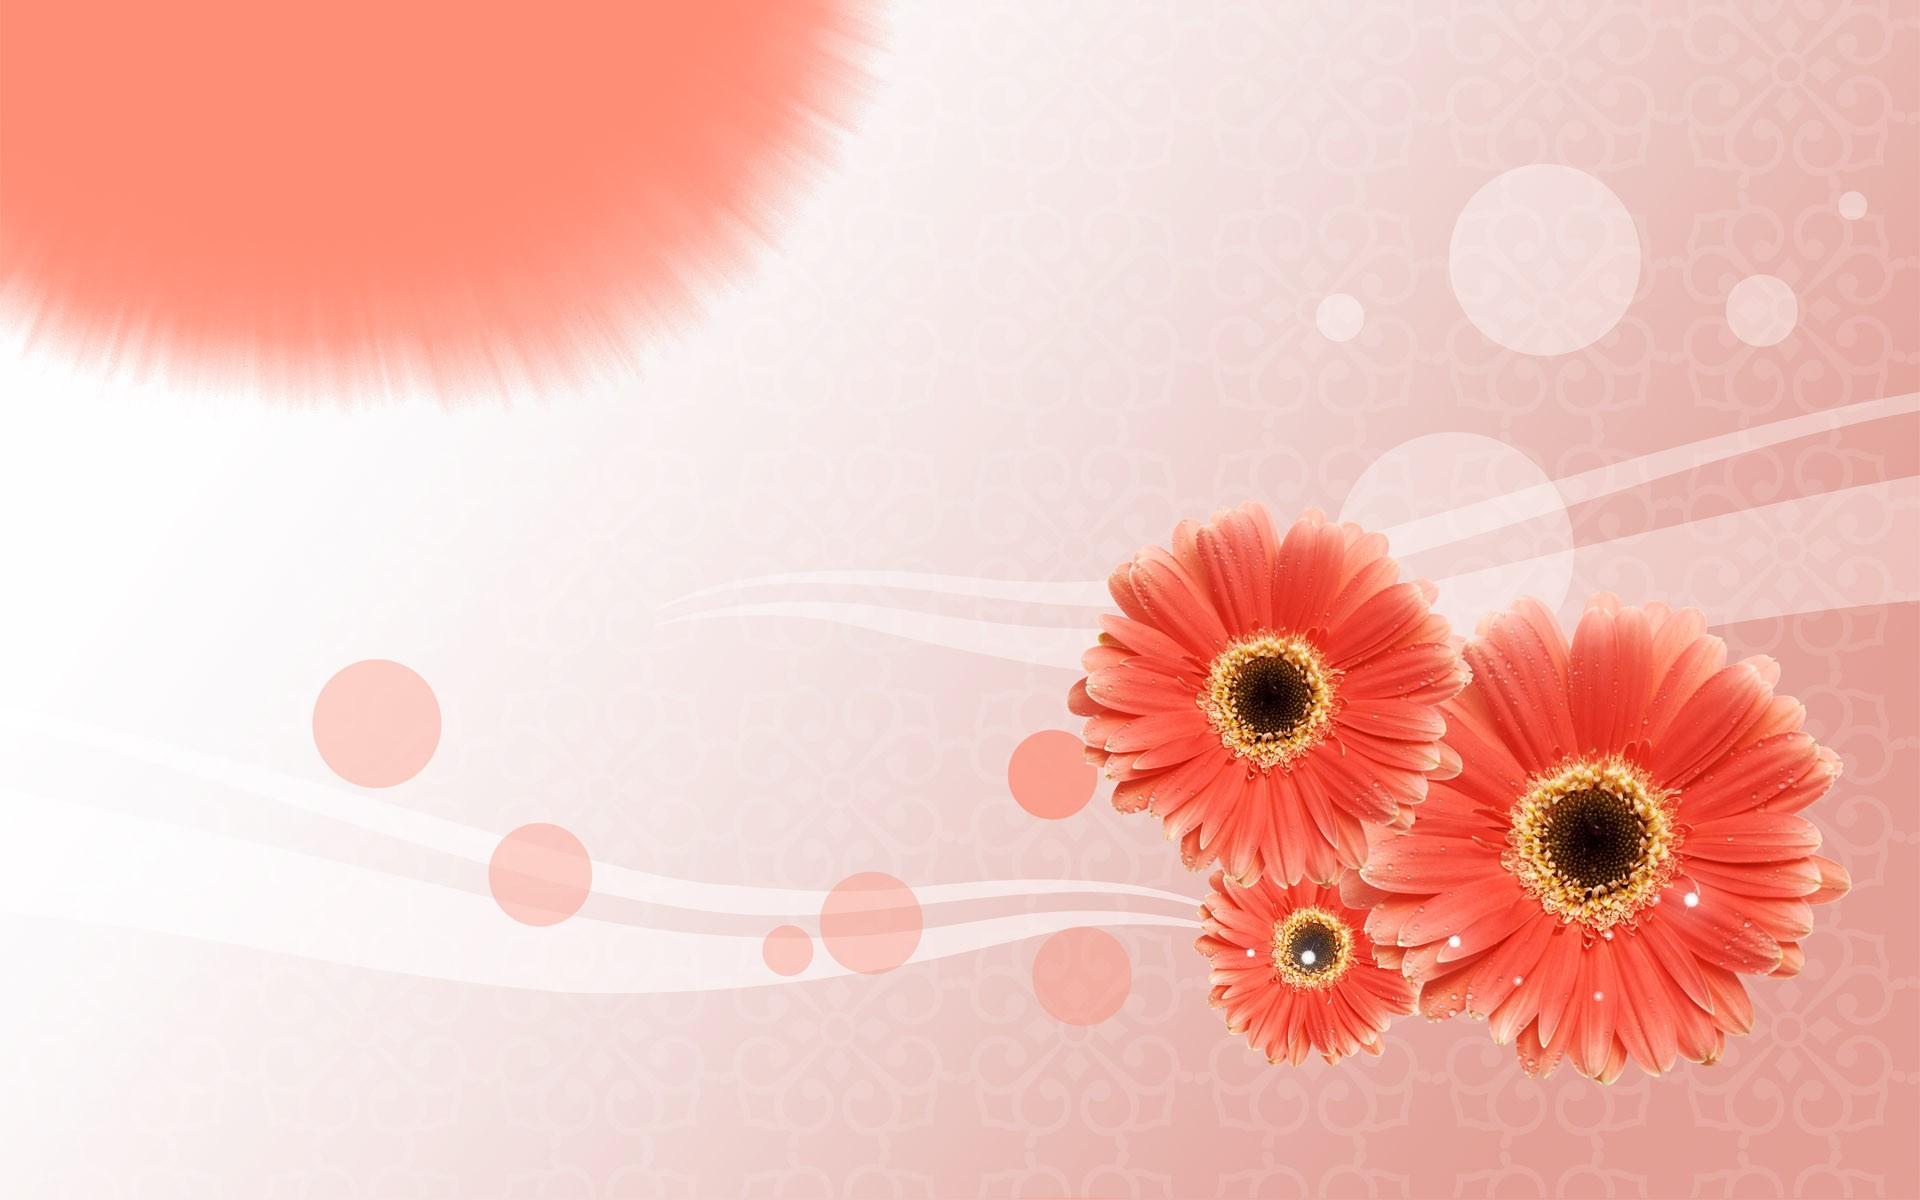 Tres flores bellas - 1920x1200